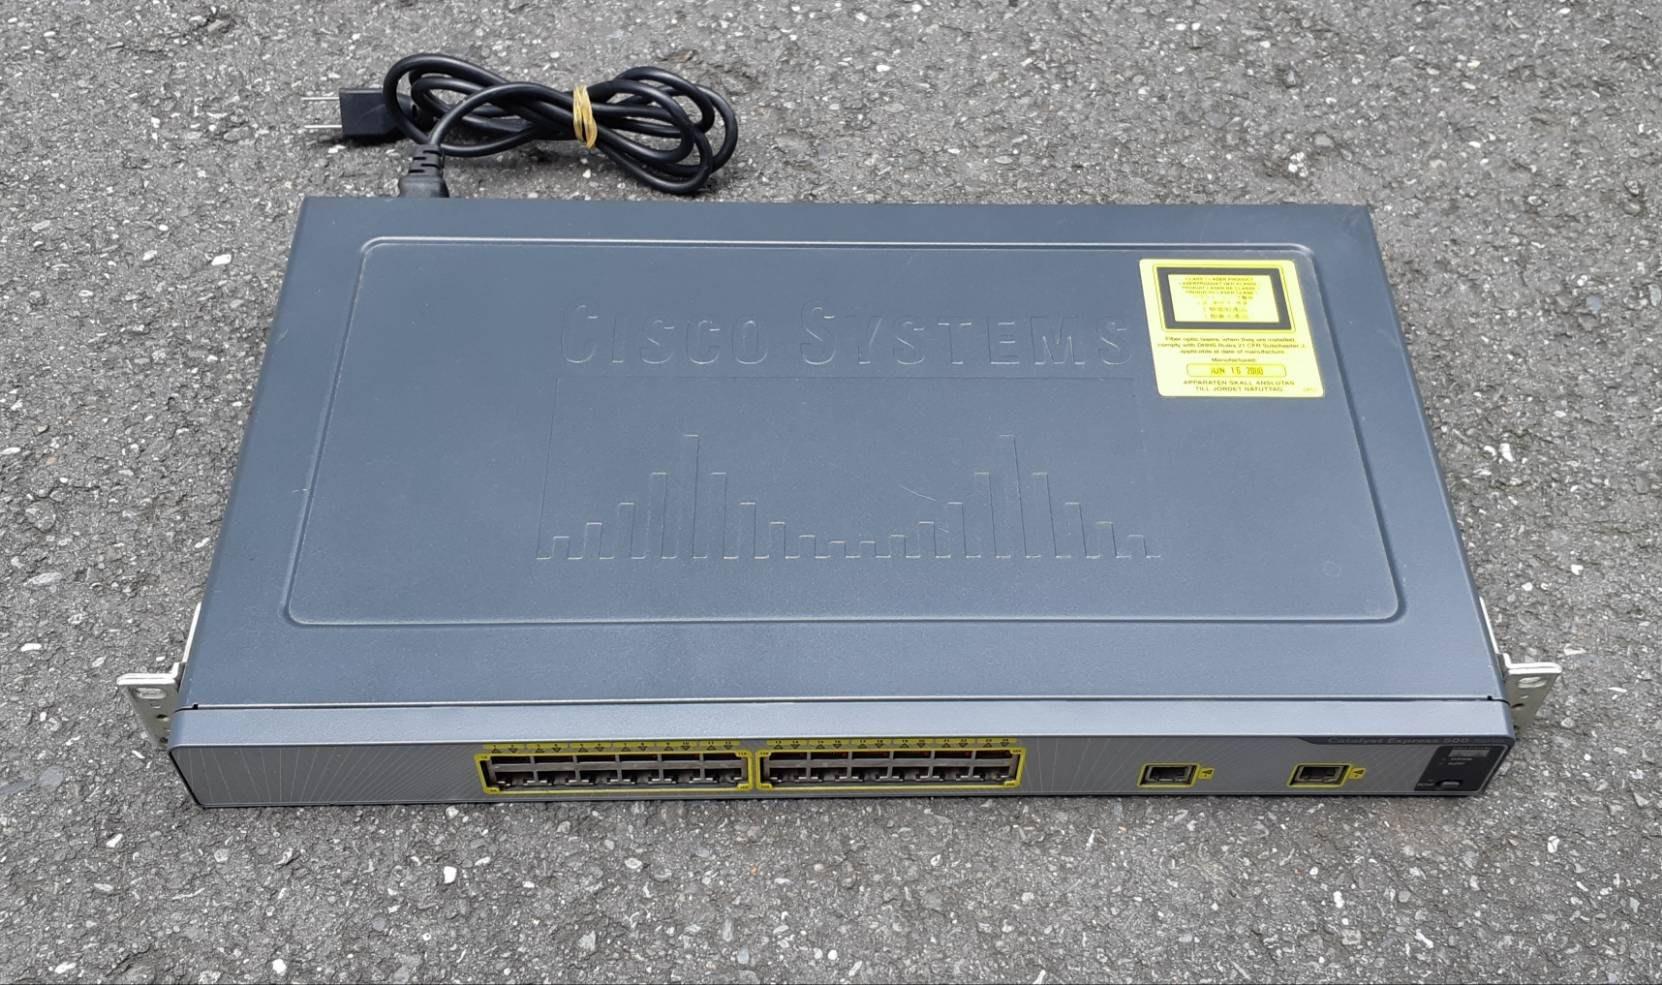 二手~CISCO CATALYST EXPRESS 中小企業交換器(機) 網路集線器 交換器~~功能正常